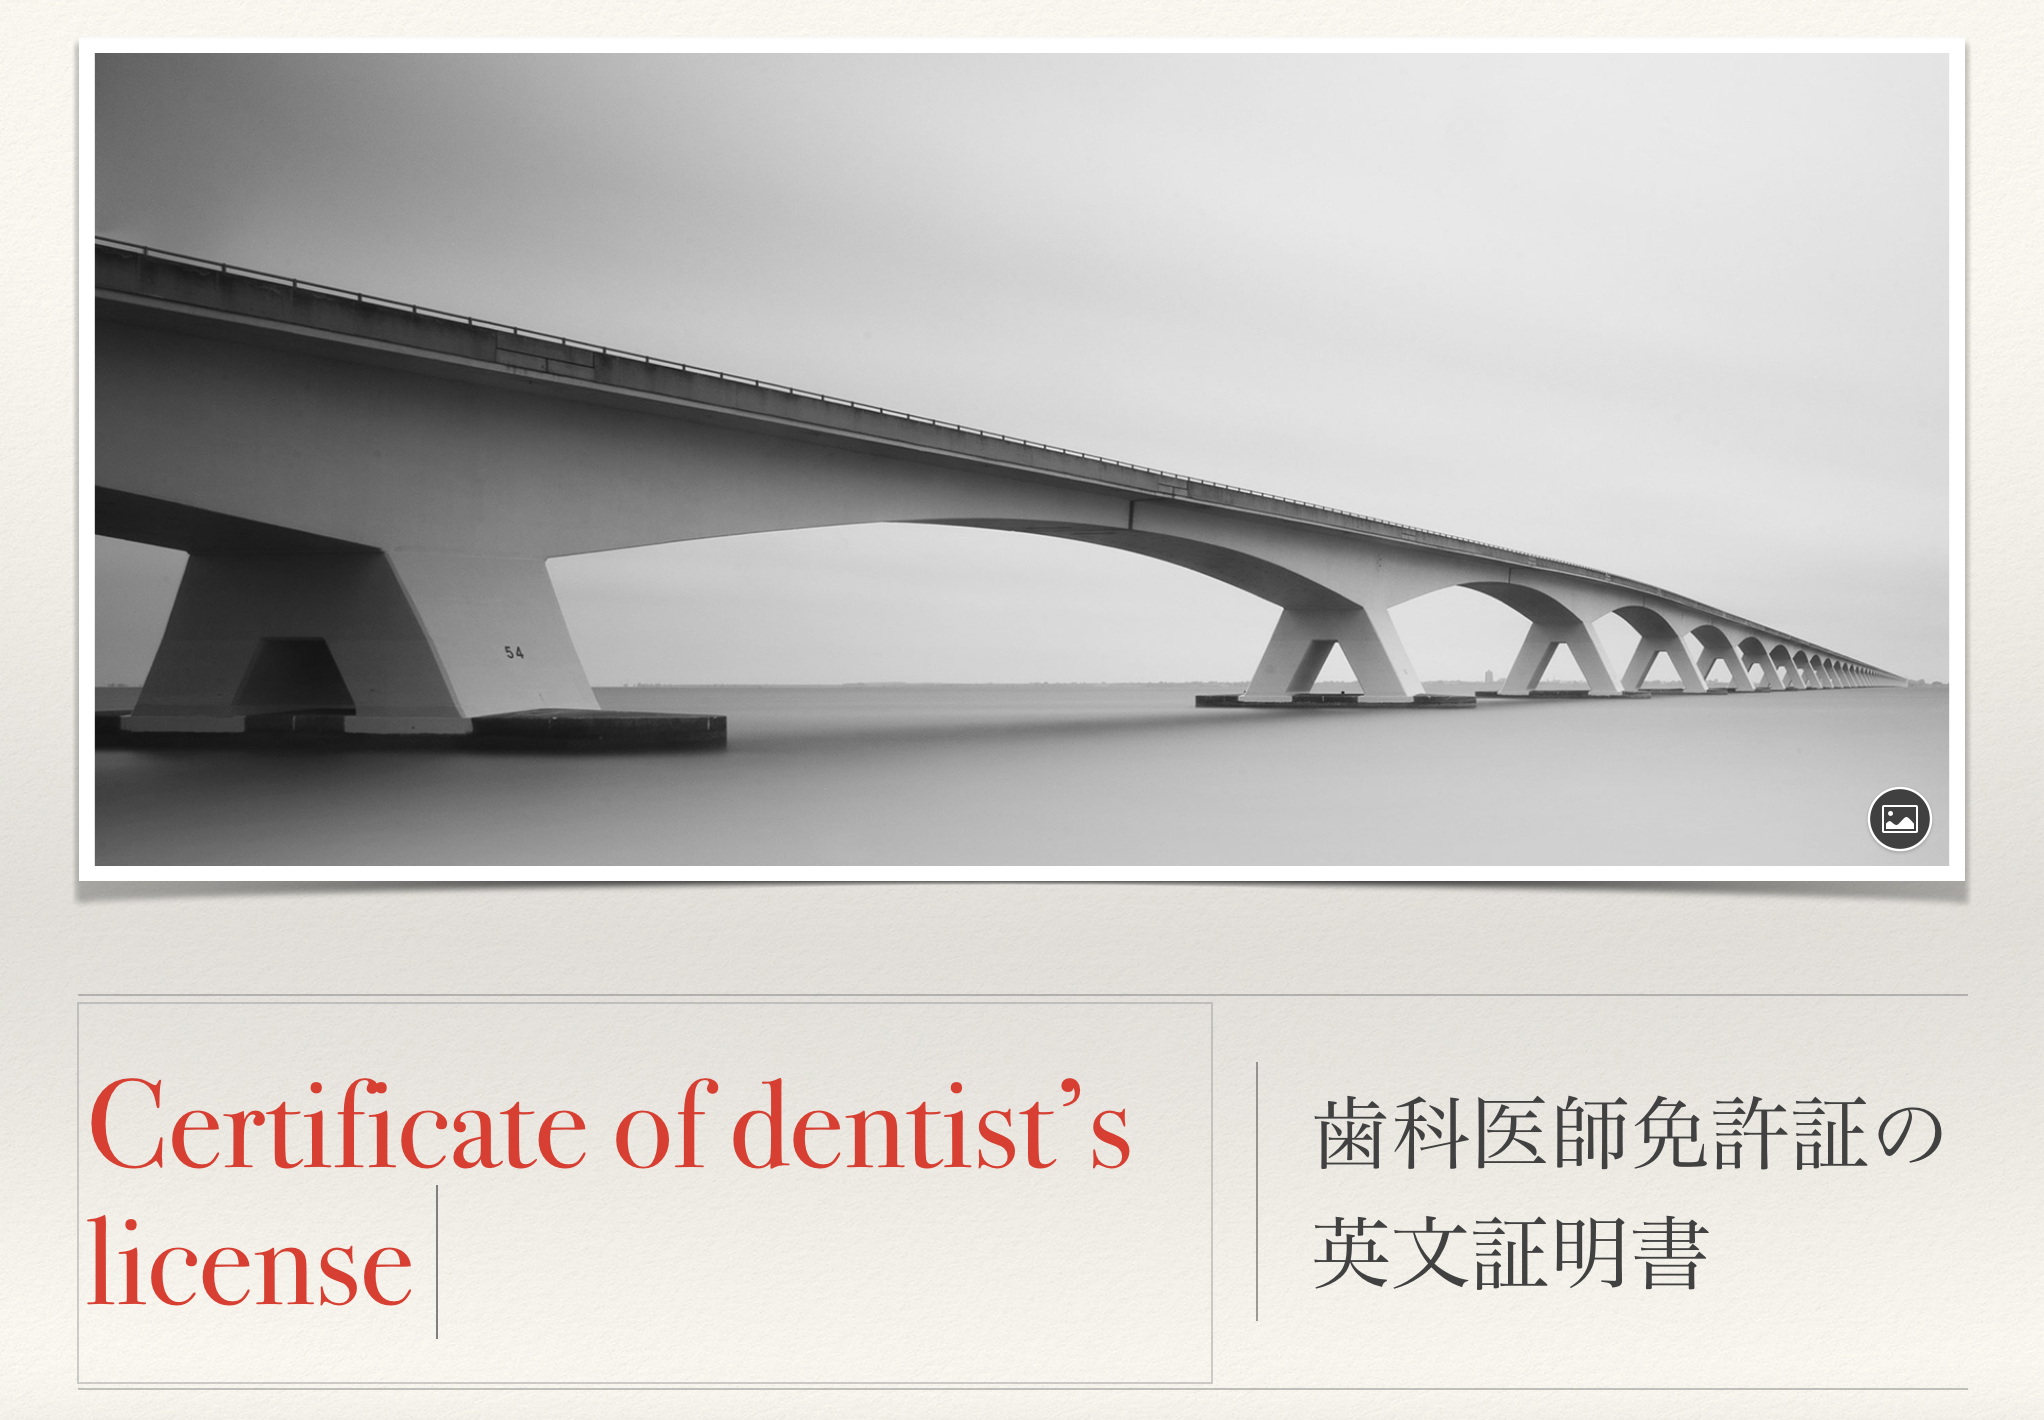 留学時必要書類の用意:歯科医師免許証の英訳書類を作ろう。